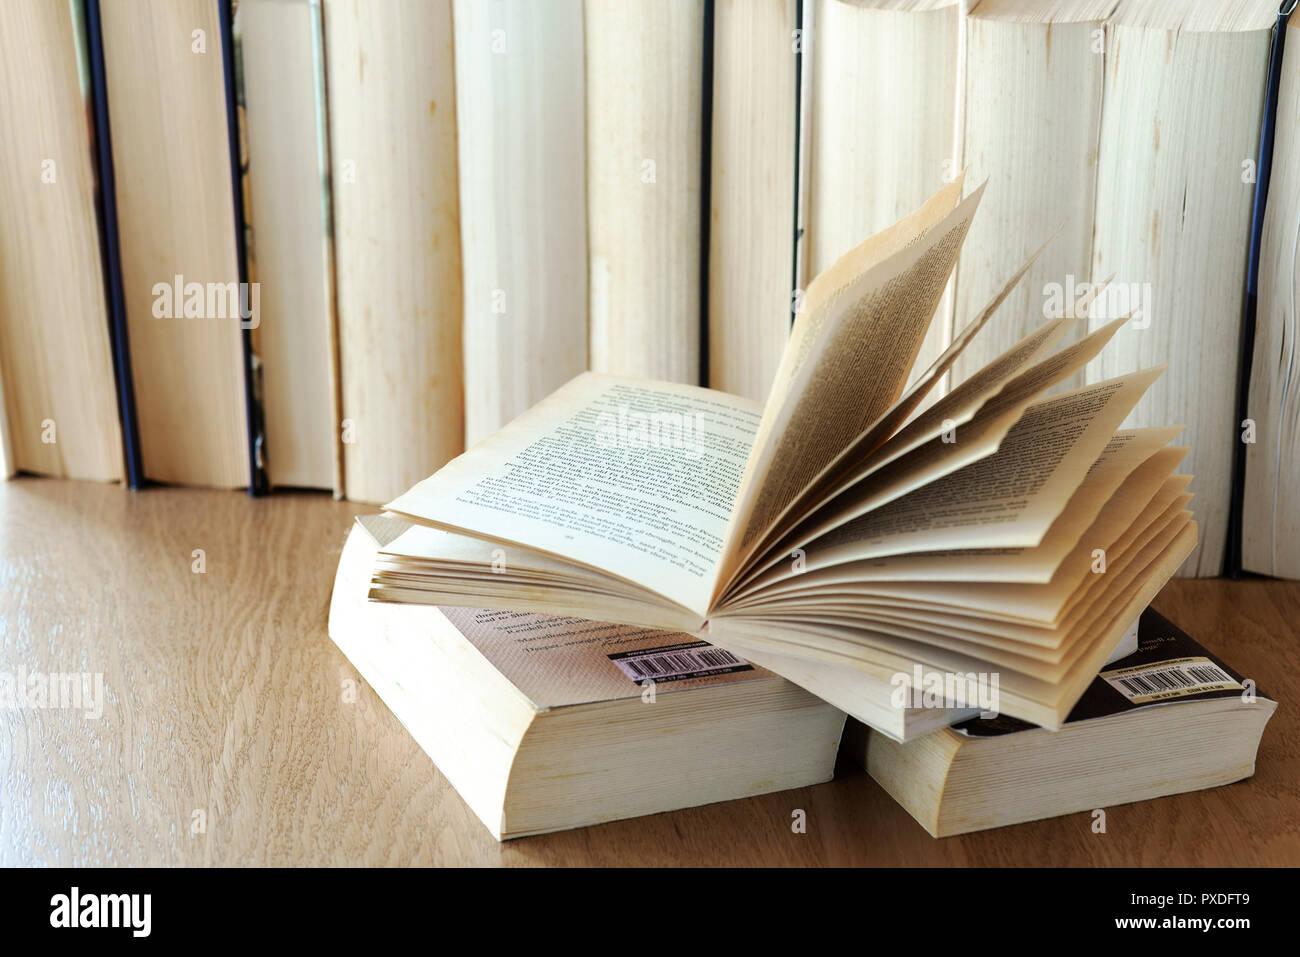 Zeile der alten Bücher Buch öffnen an der Front. Stockfoto